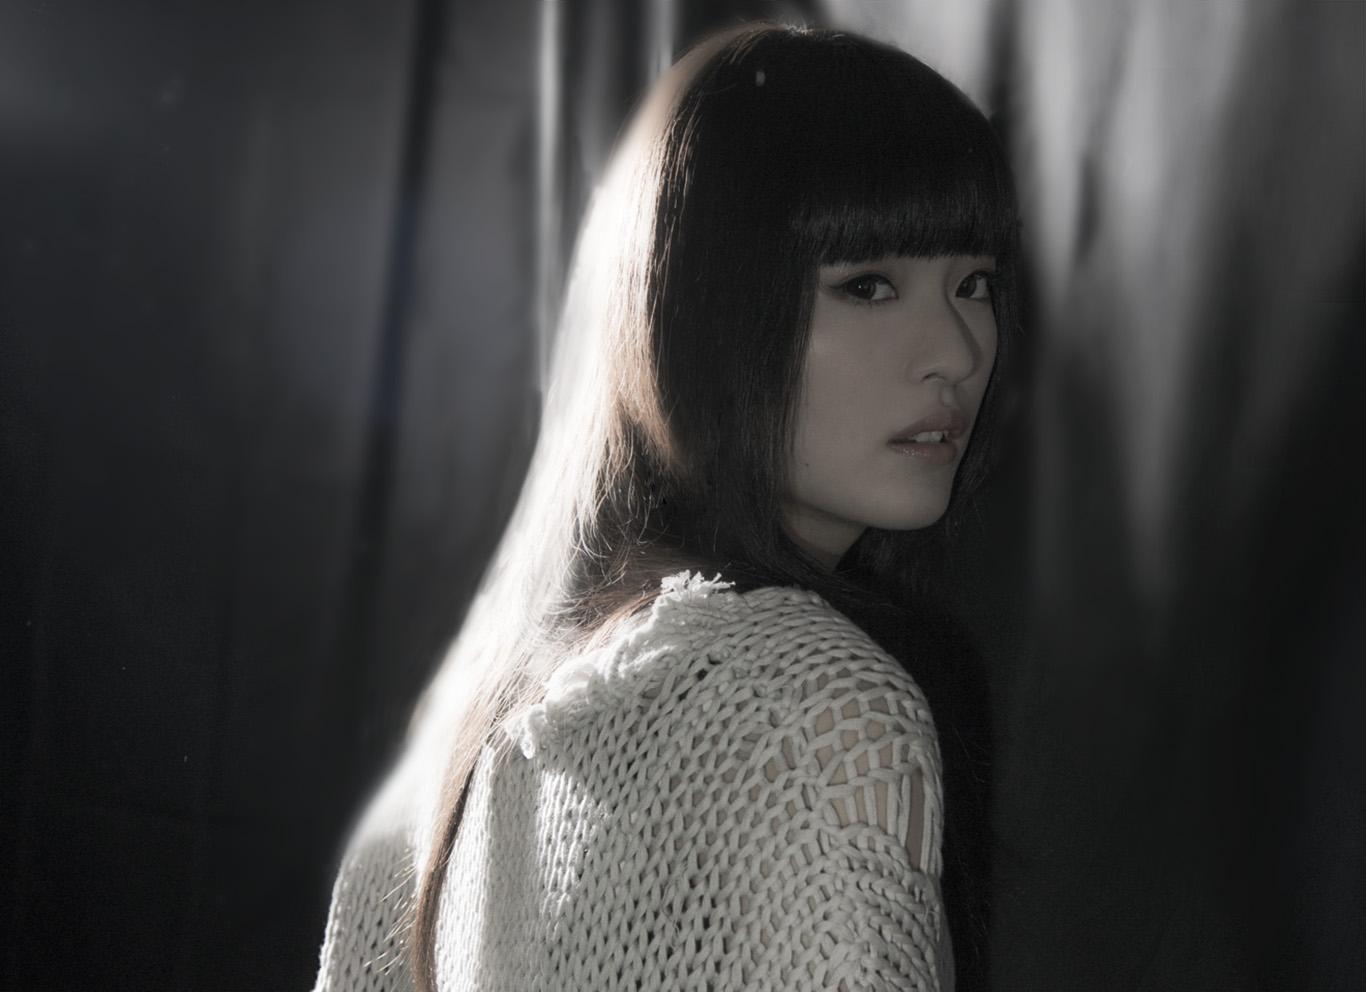 期待の歌姫、ASCAデビュー! ミステリアスなシンガーが過去、現在、未来を語る